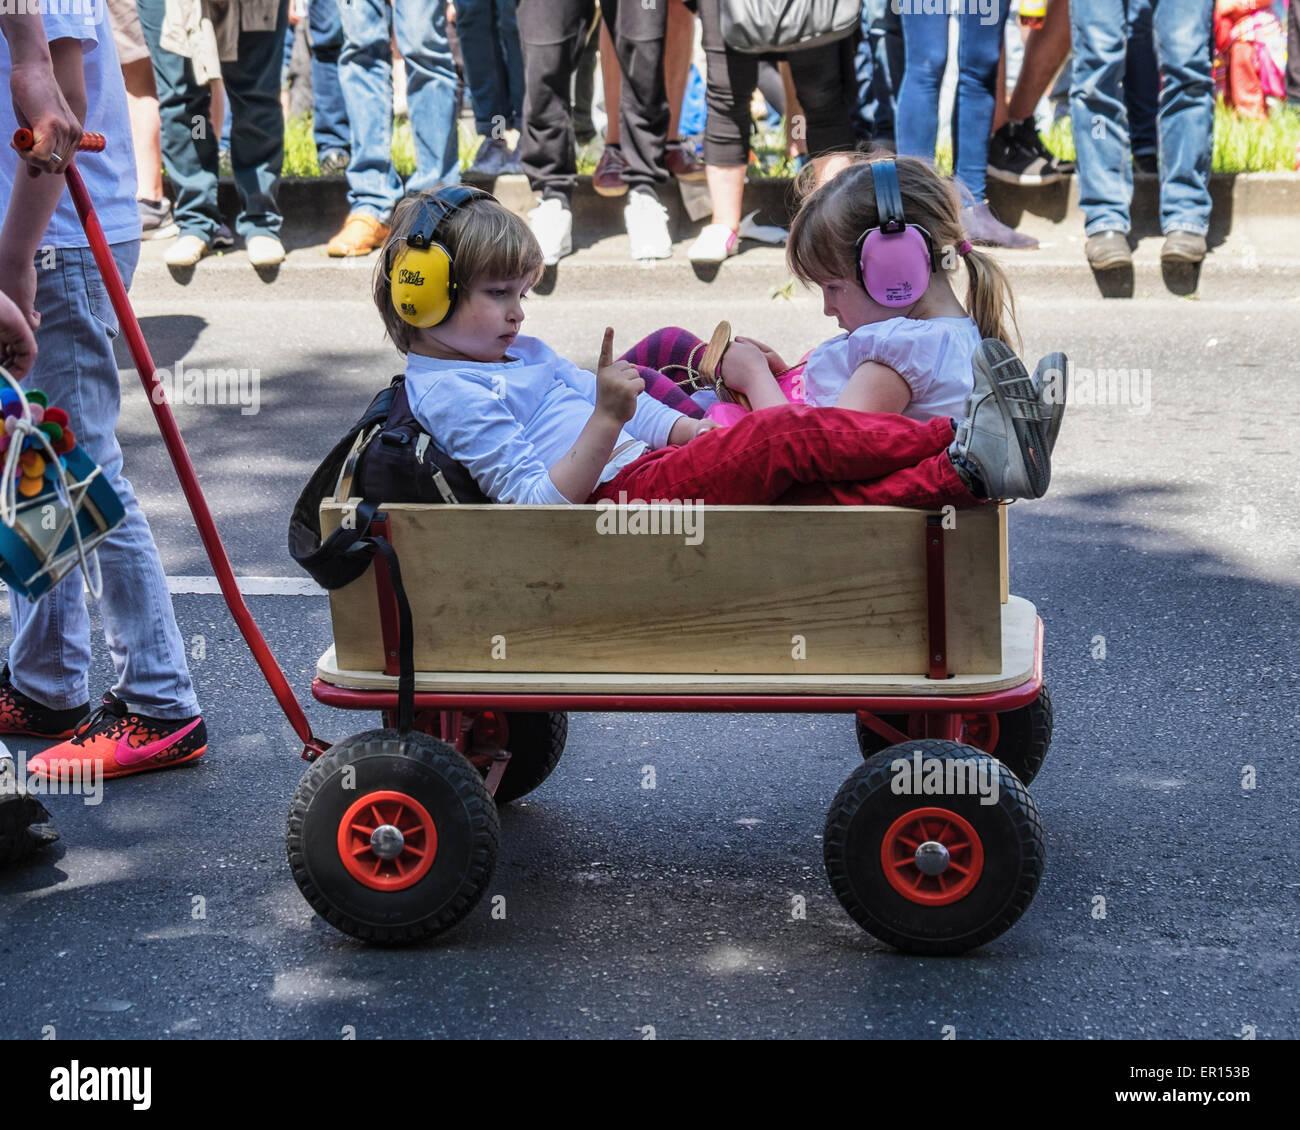 Kreuzberg, Berlín, Alemania, 24 de mayo de 2015. Dos niños con orejeras en vagón de madera en el Imagen De Stock